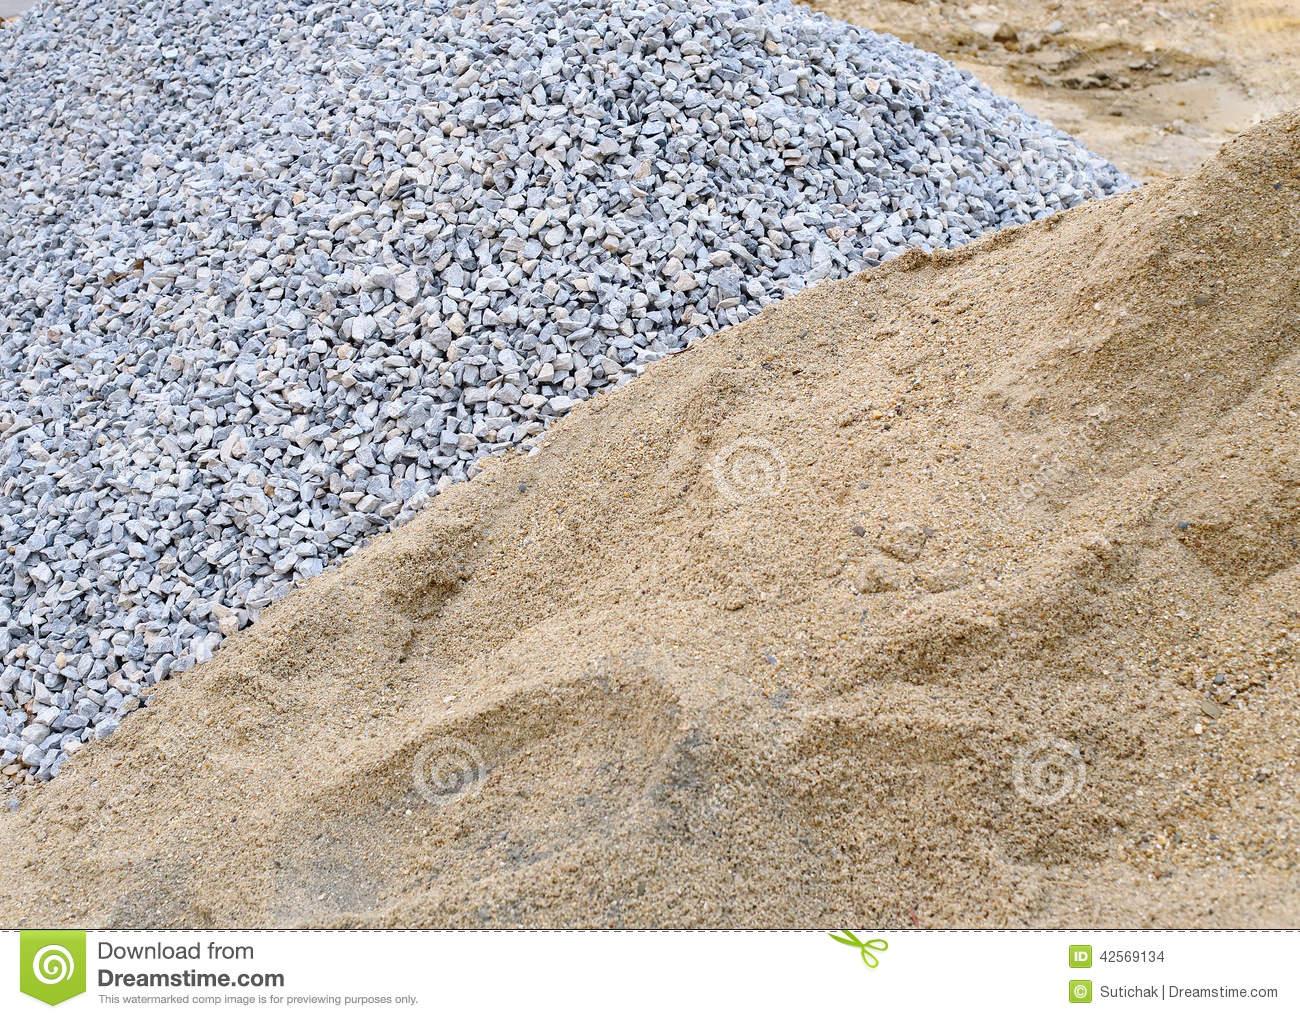 Sand gravel clipart #20